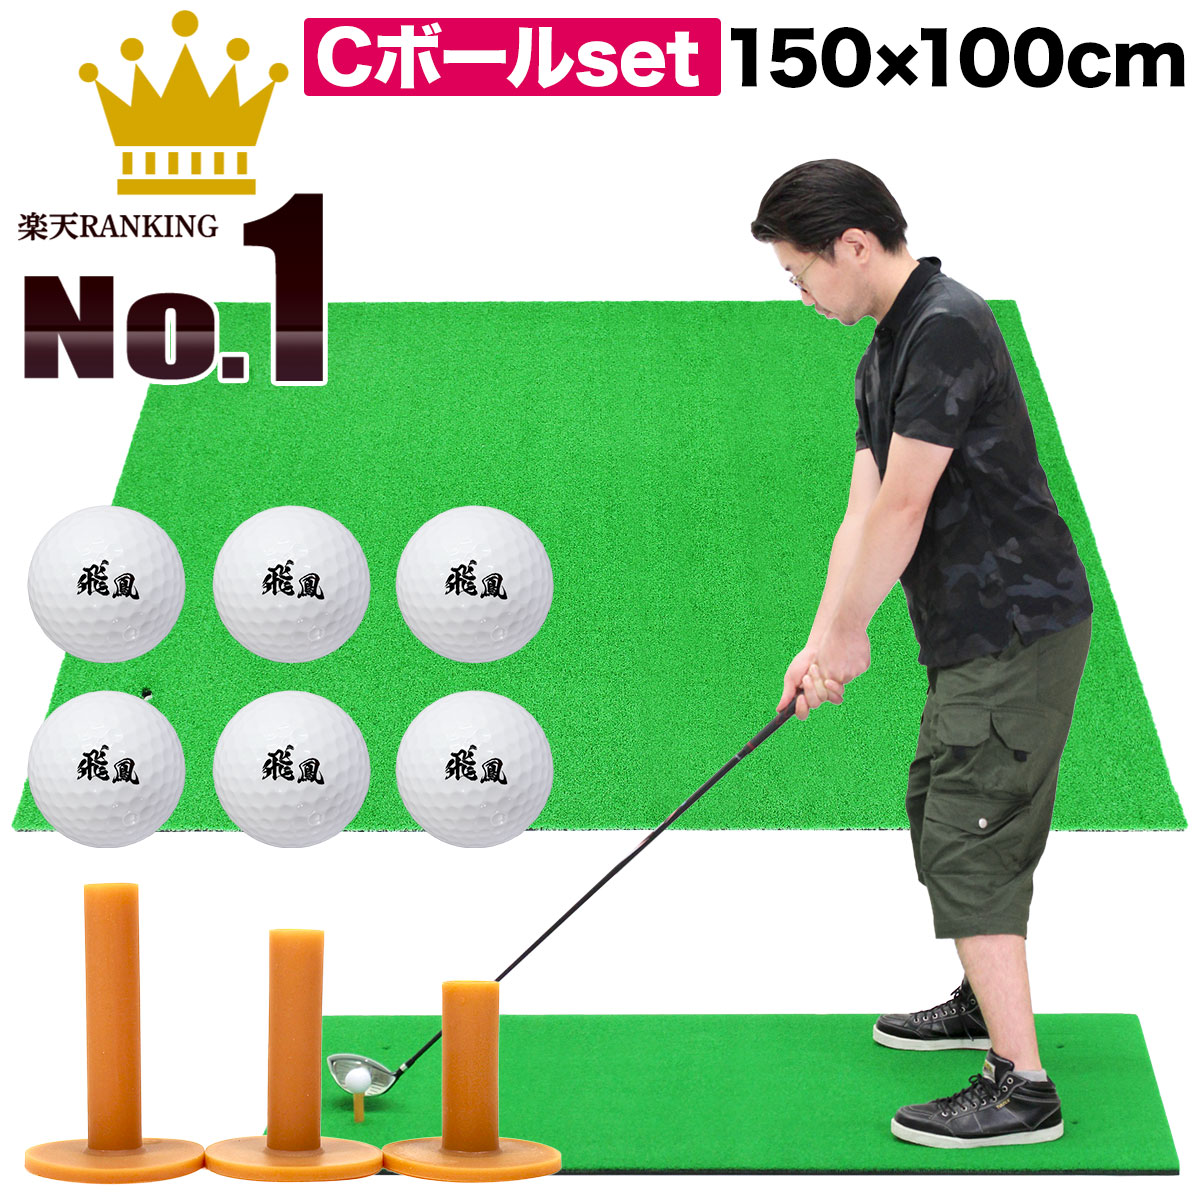 世界の人気ブランド 超大型 ドライバーが楽々スイングできる 150cmサイズのゴルフスイング練習用マットです これ一枚でアイアンもウッドもフルショット練習が可能です ゴルフマット 練習 素振り 大型 Cセット ストア ドライバー SBR スイング アイアン 100×150cm アプローチ マット